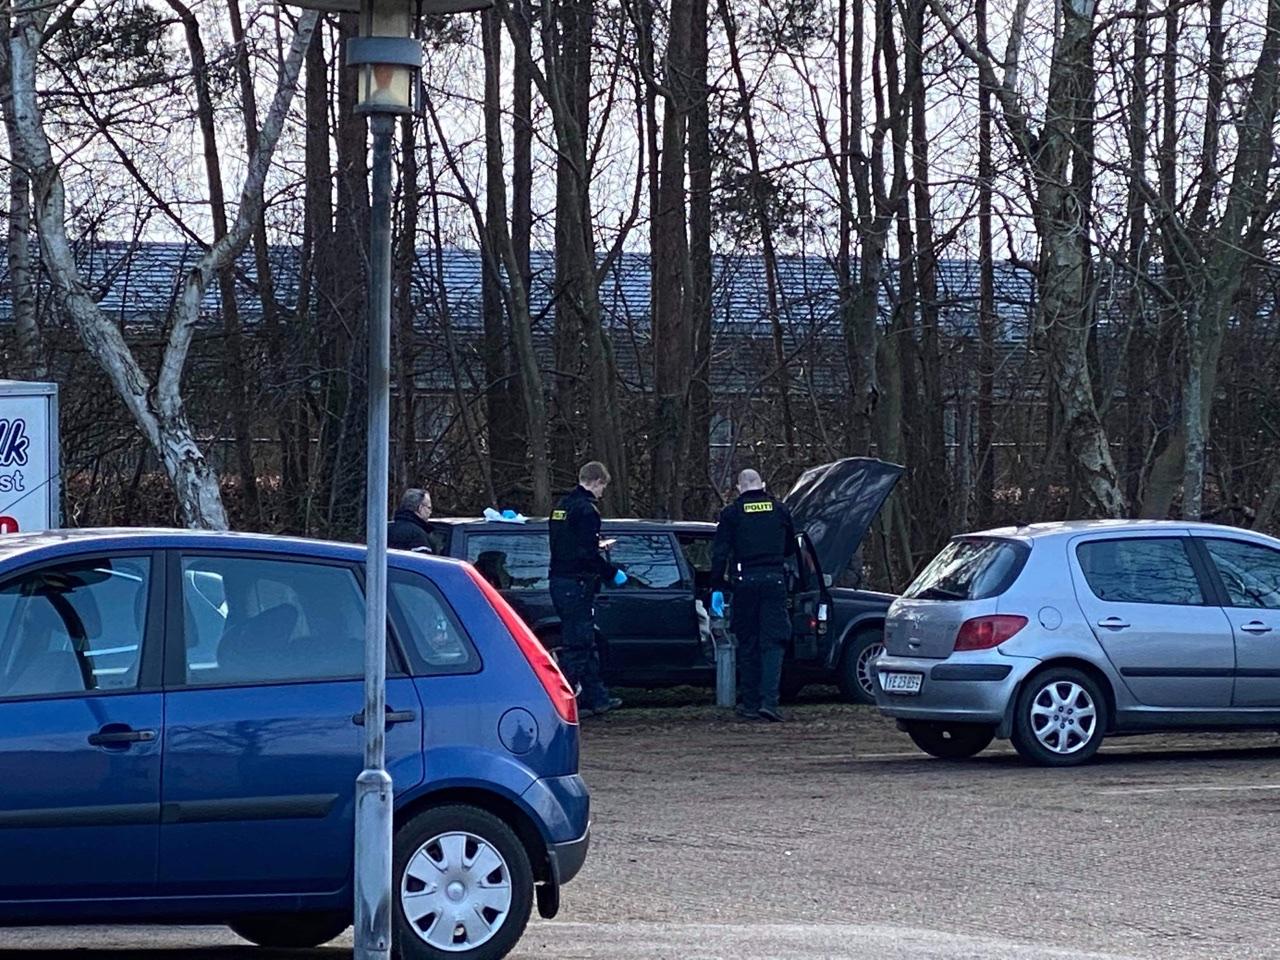 Politiaktion - beslaglæggelse af bil i Køge